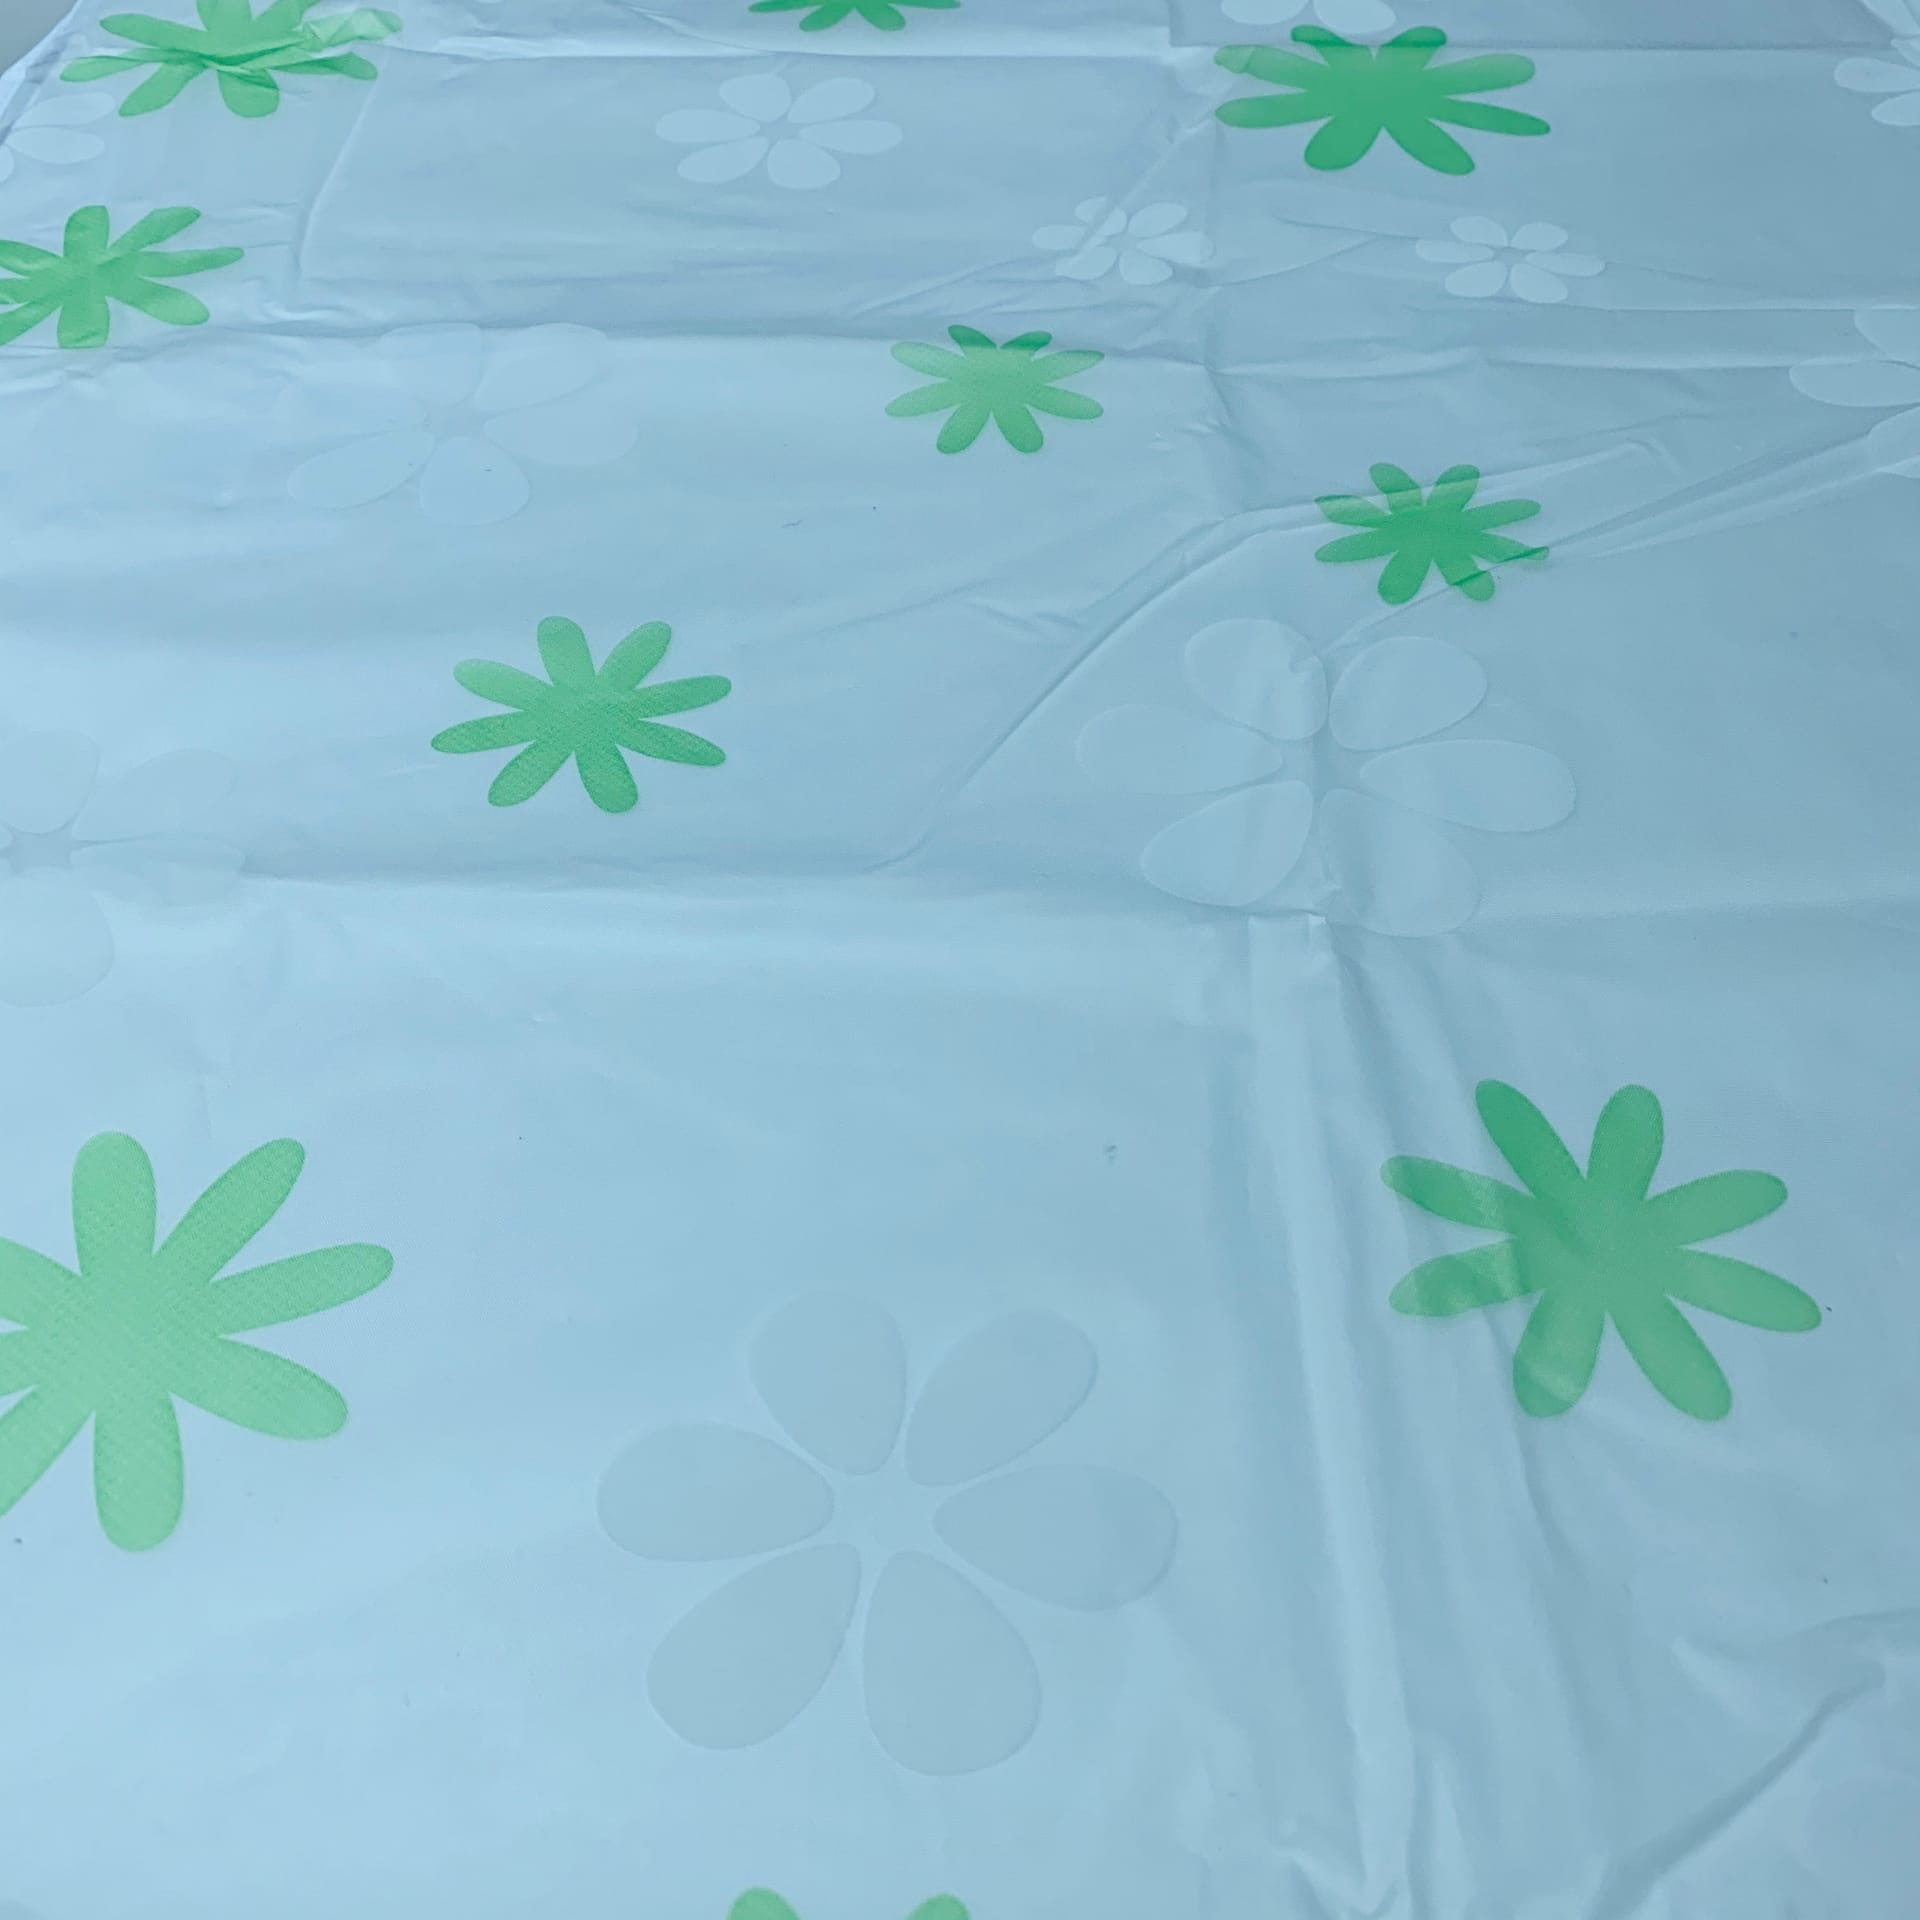 Чехол для стиральной машины 58х62х85 см Белый с зелеными цветами фото